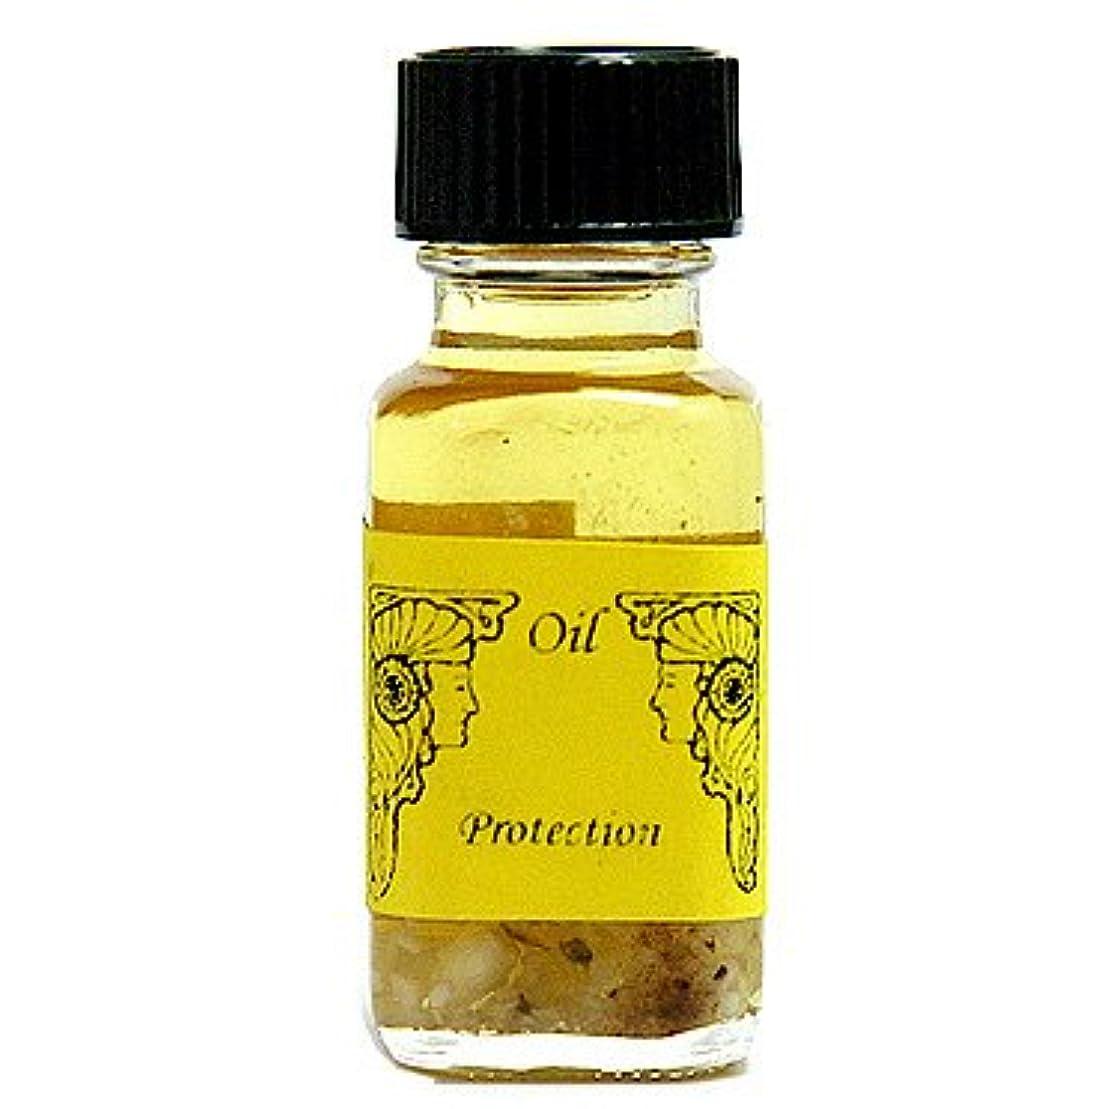 予感見落とす燃やすアンシェントメモリーオイル プロテクション (守護?厄よけ) 15ml (Ancient Memory Oils)